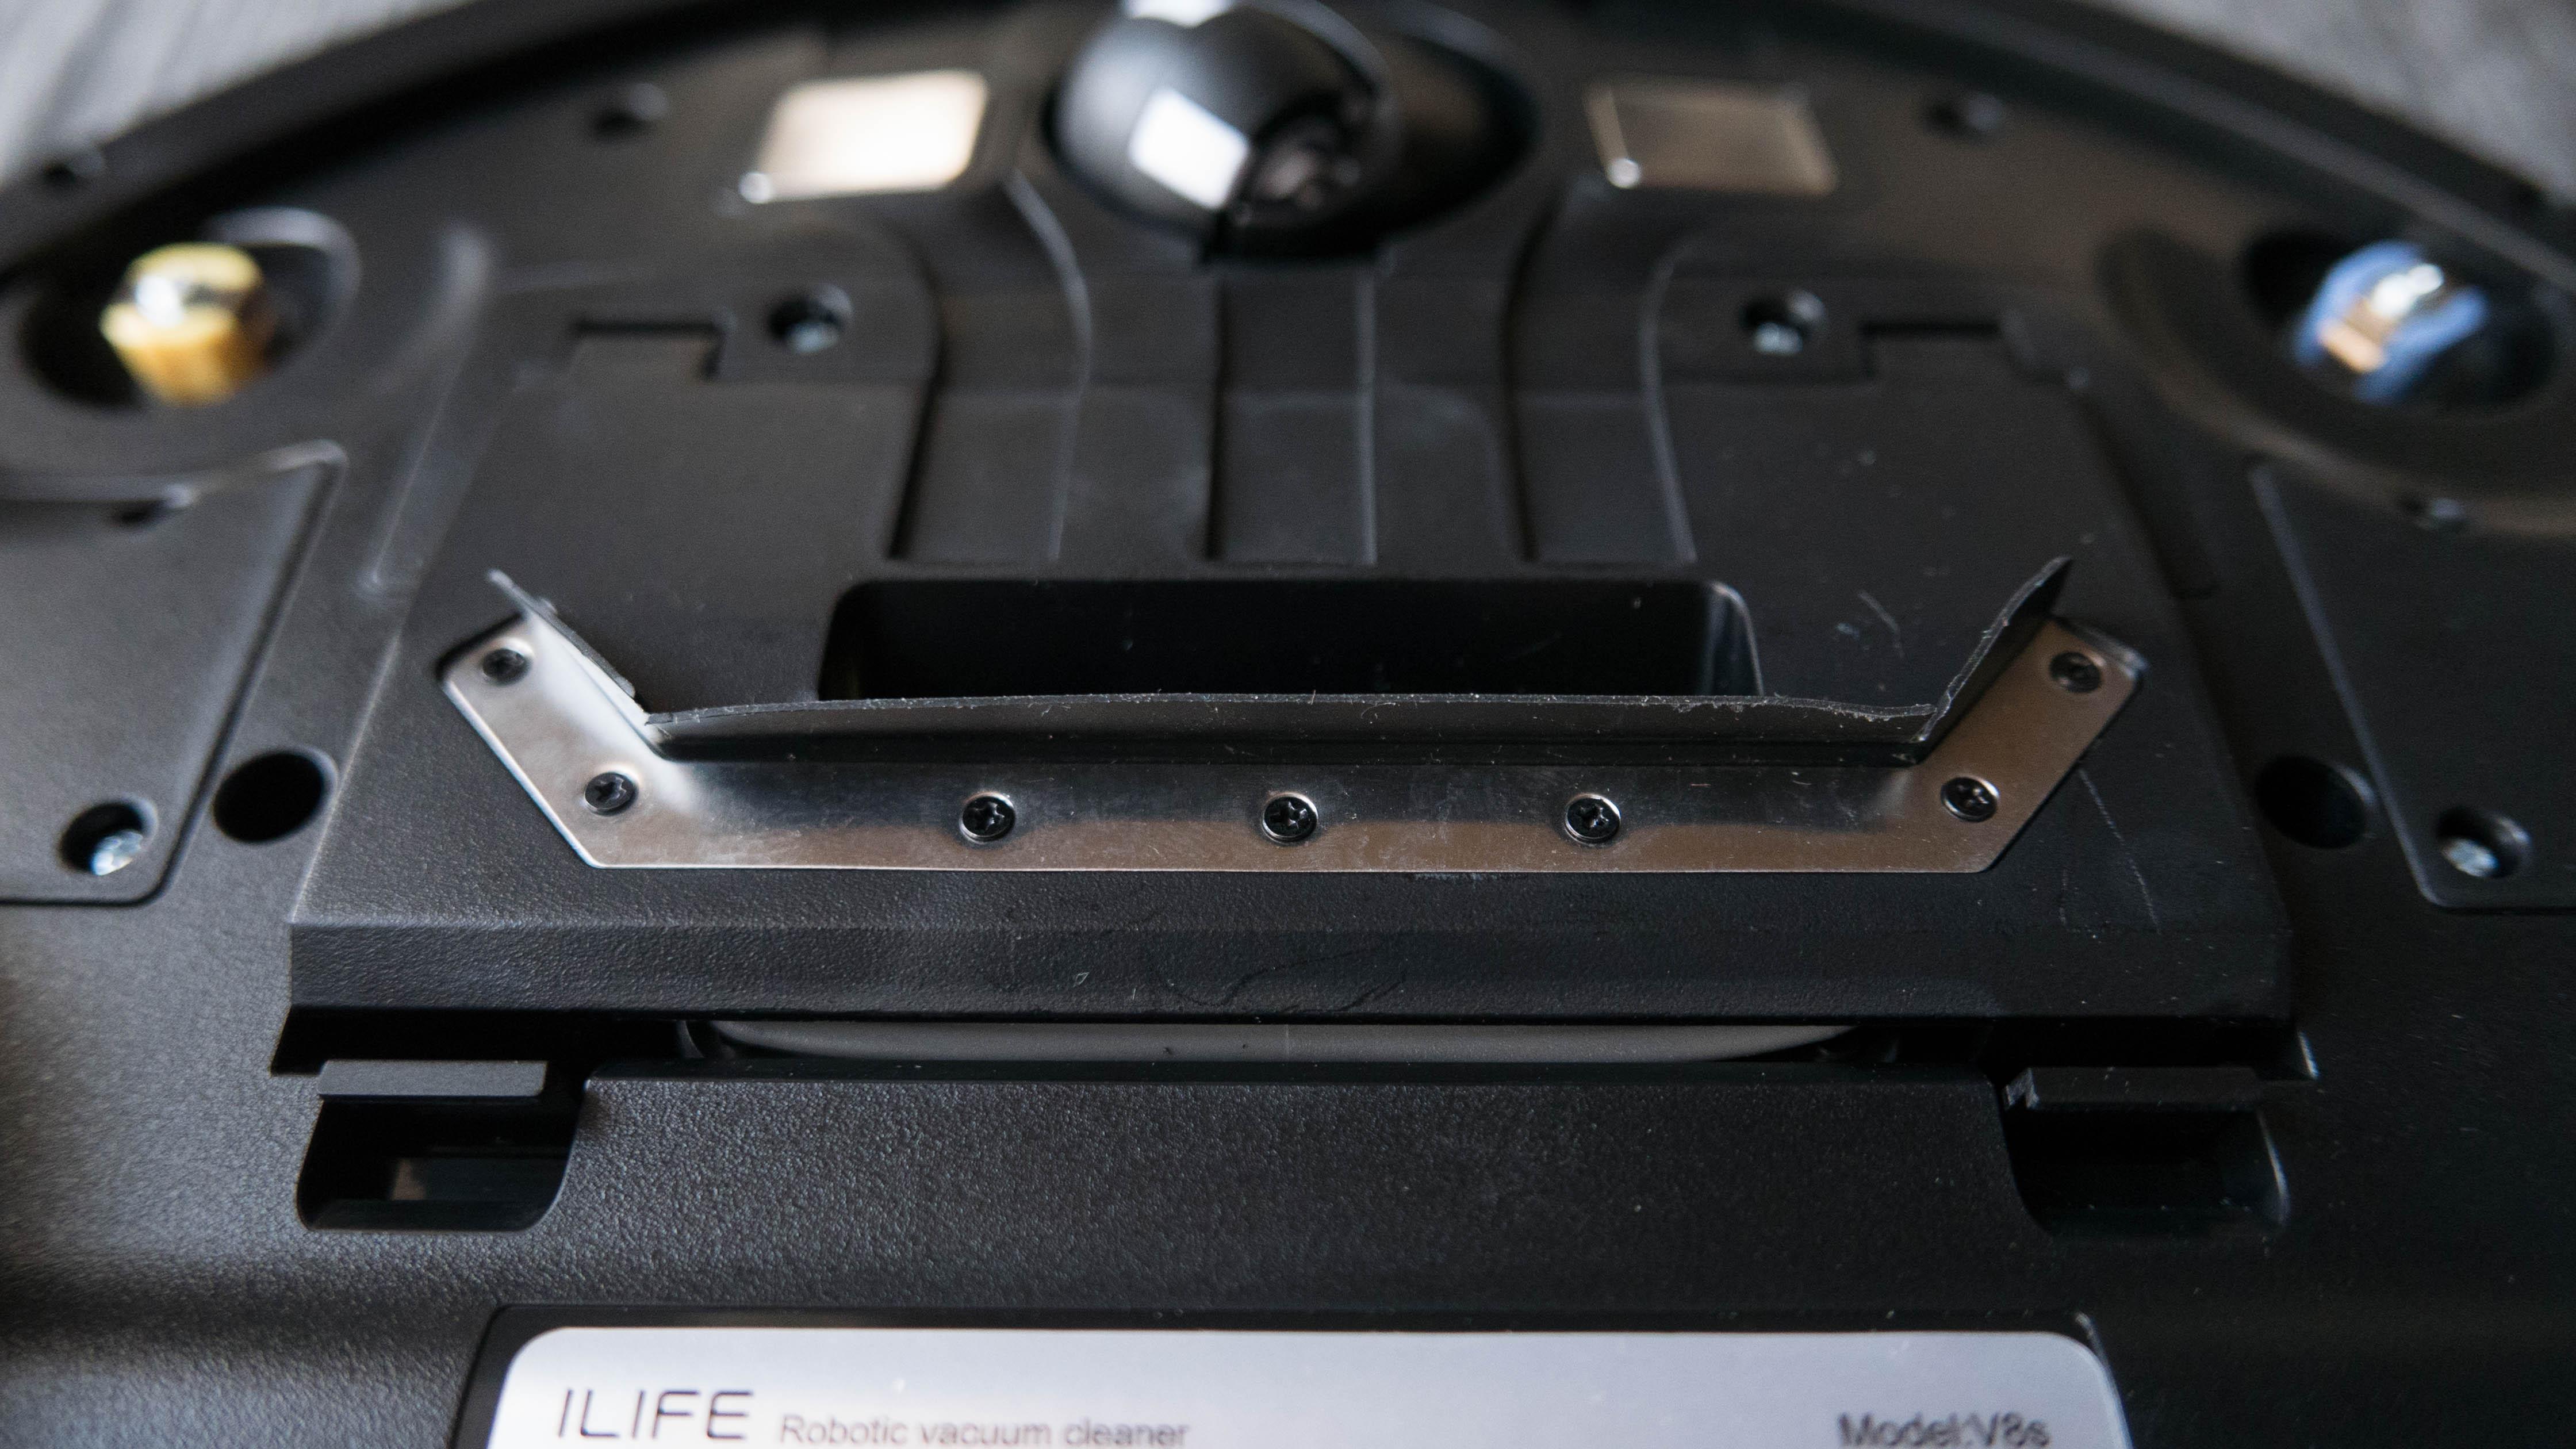 ILIFE V80 Details 25